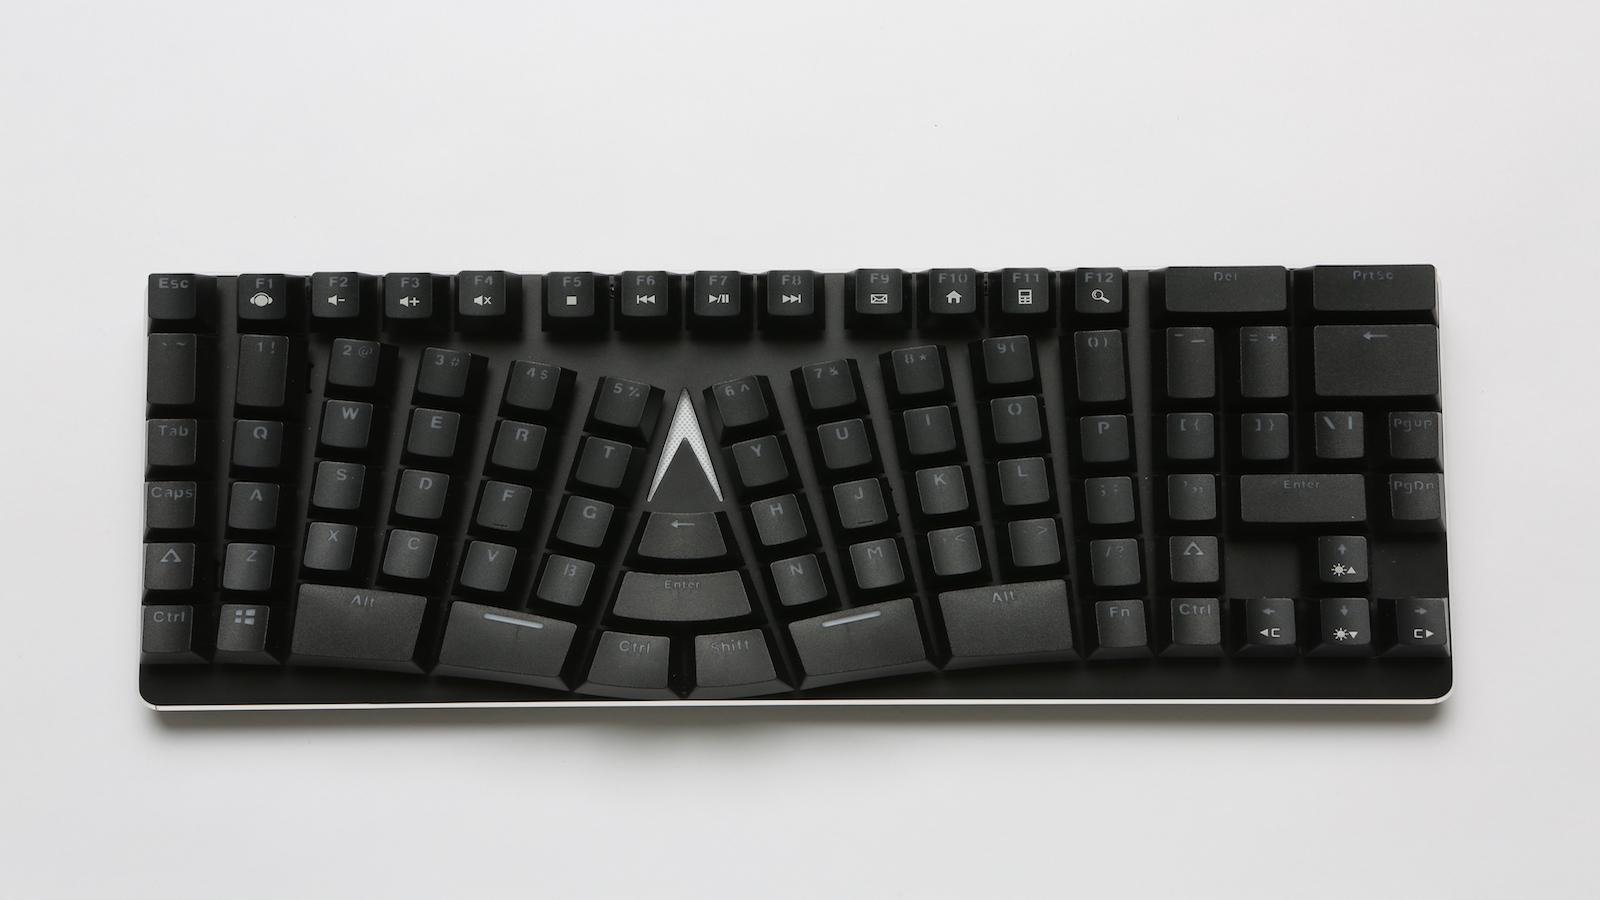 X BowsWhite Keyboard